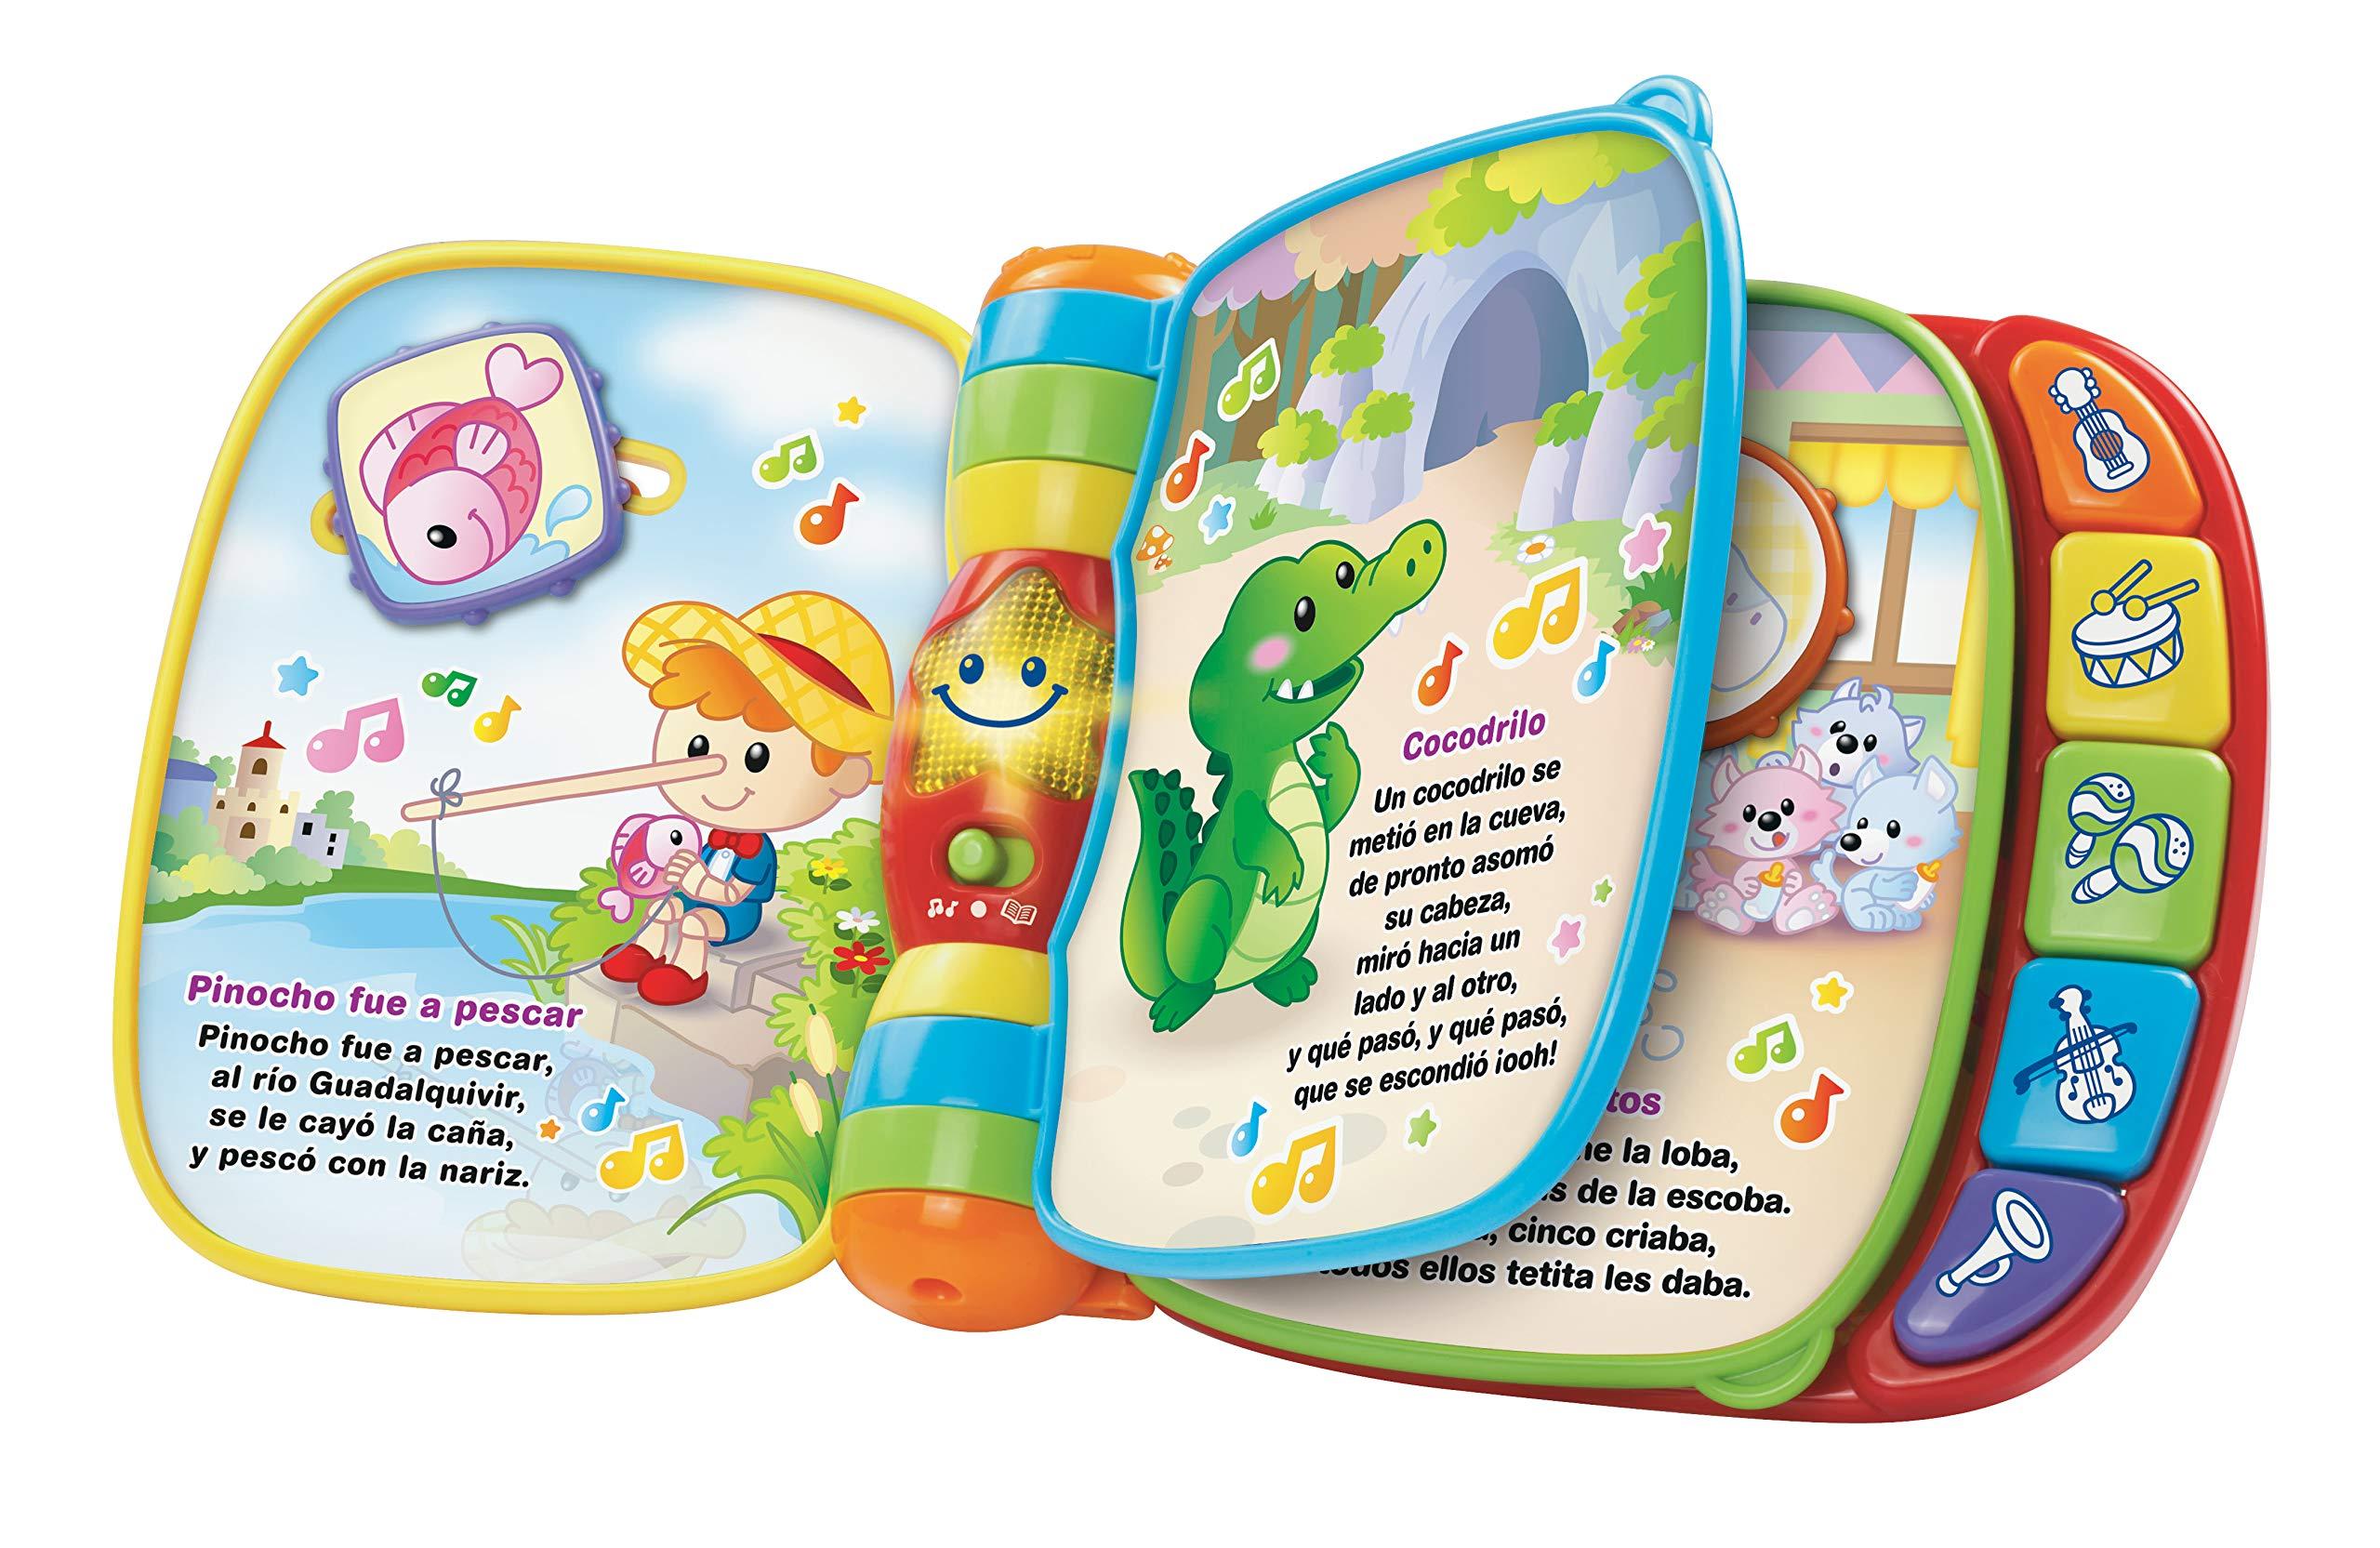 VTech Baby - Primeras canciones, Libro musical infantil con canciones populares para niños, botones